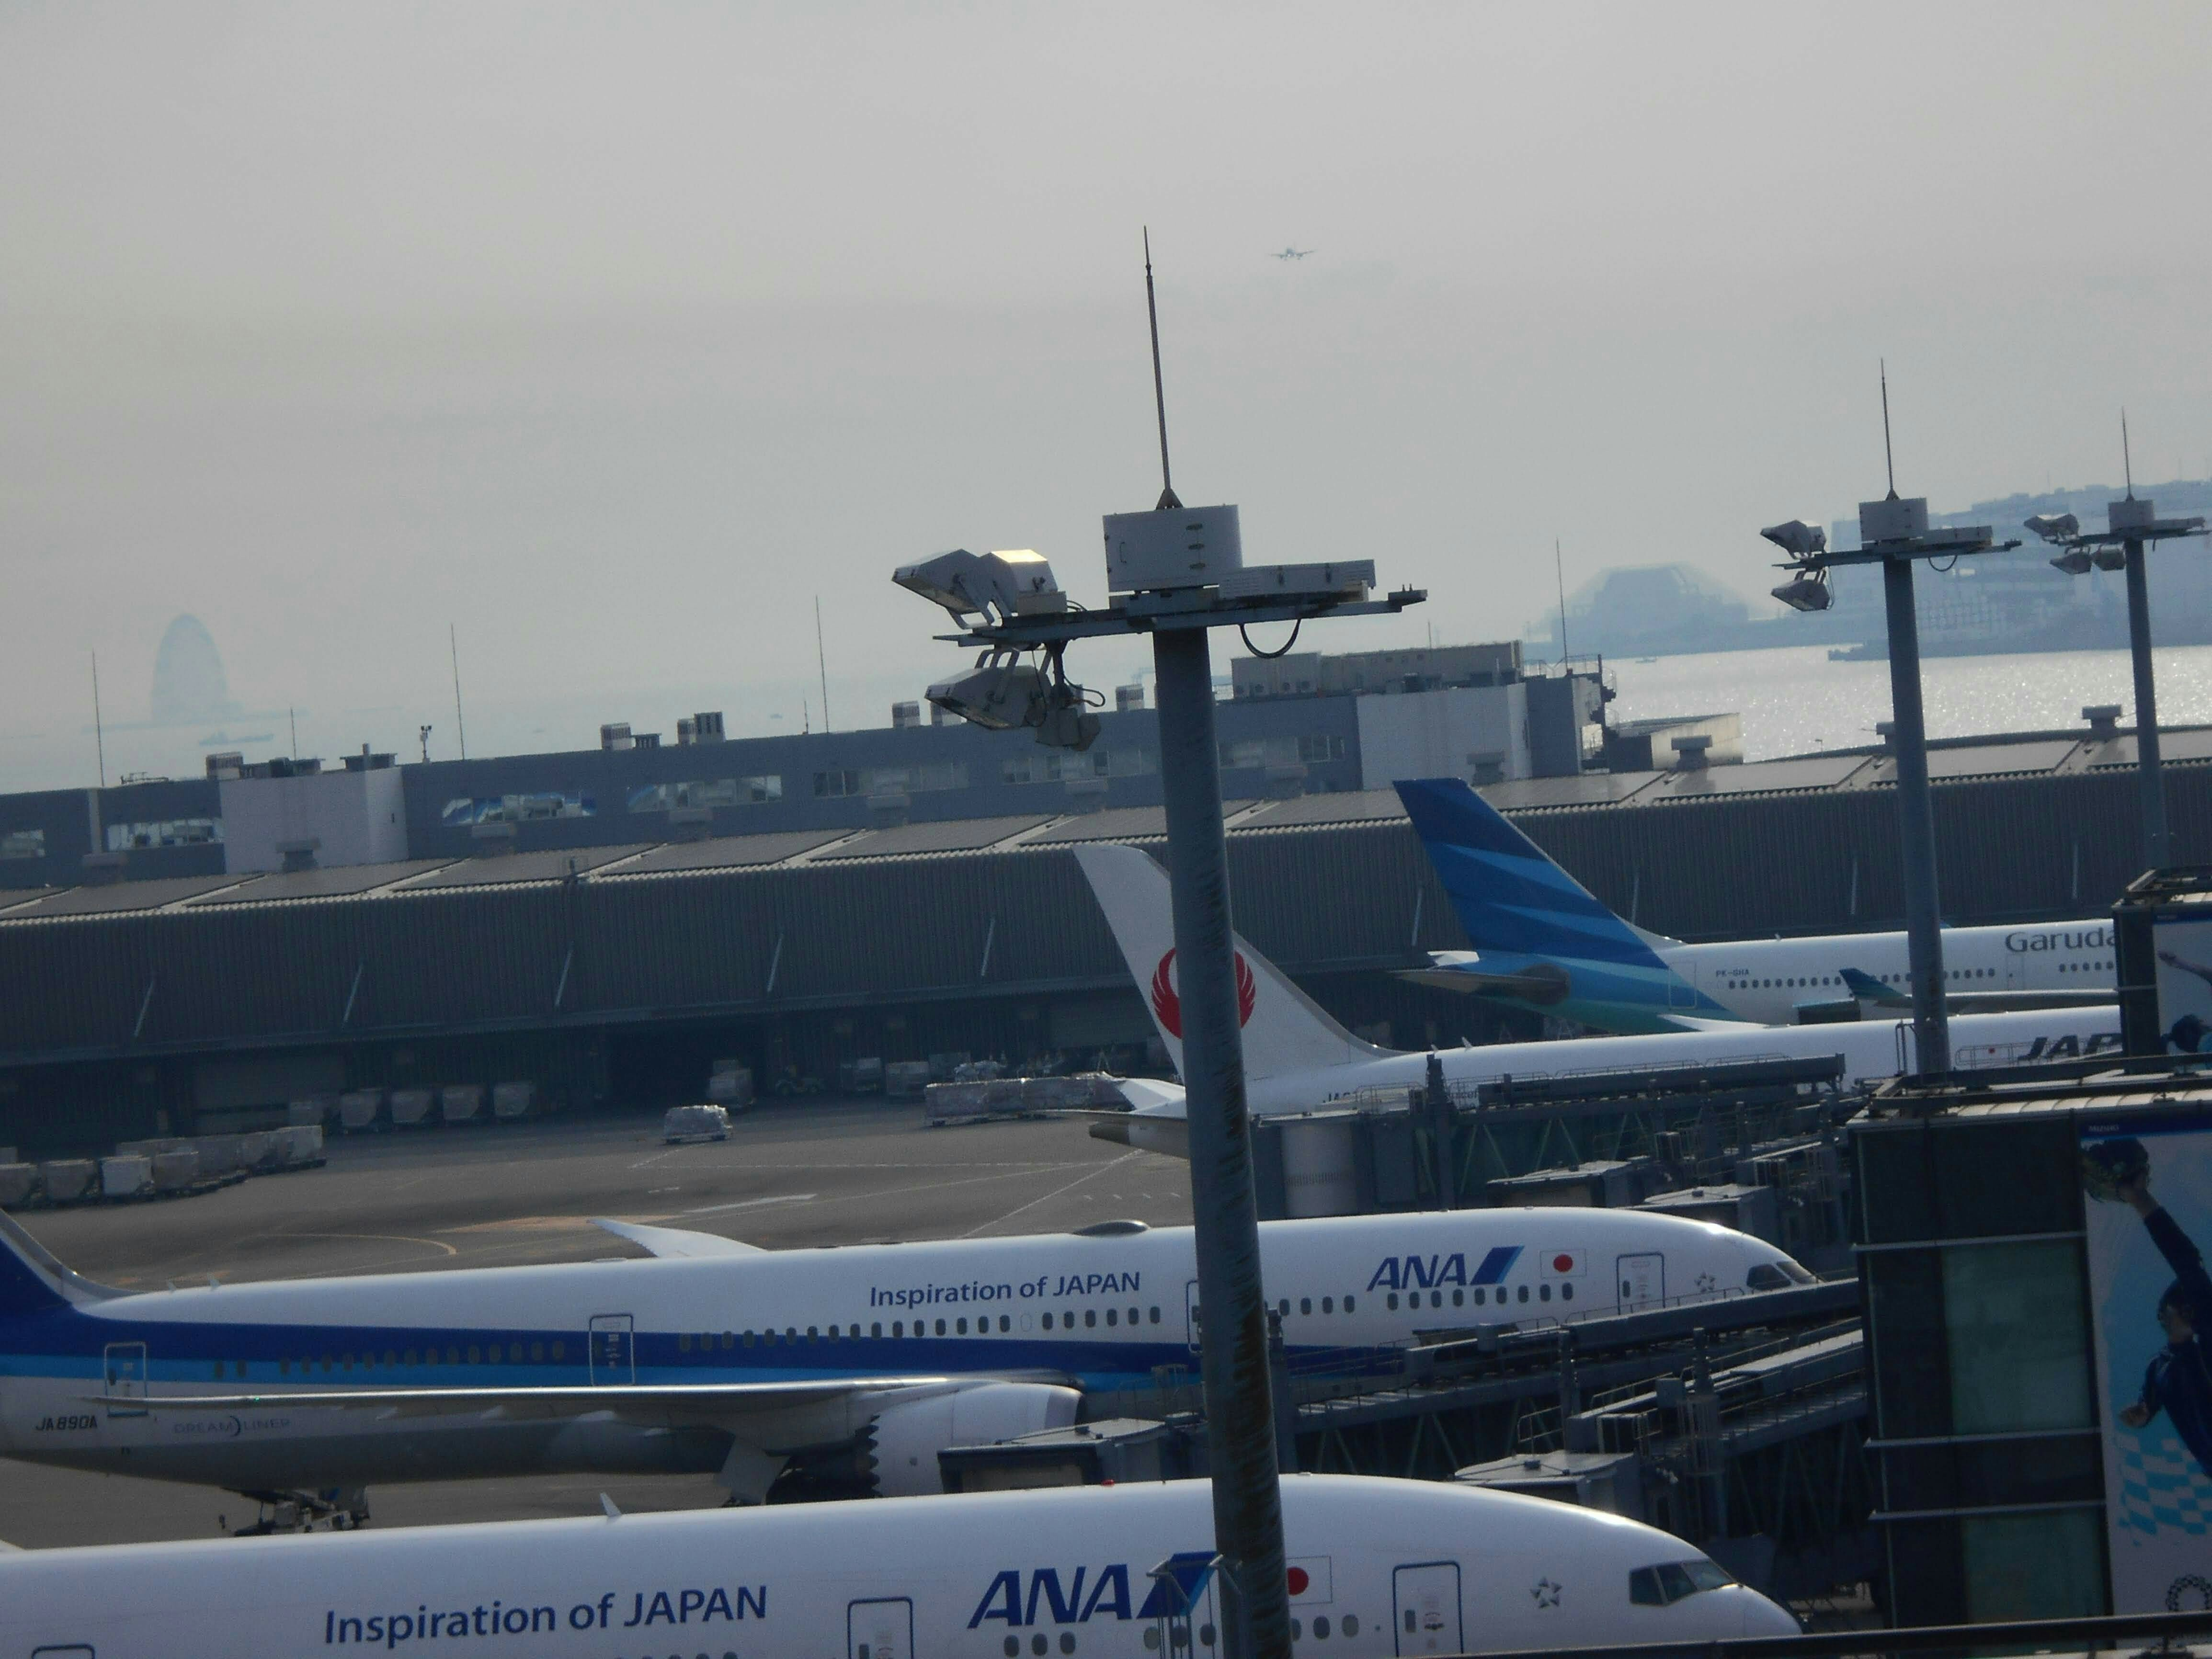 f:id:A350-900:20210110080206j:image